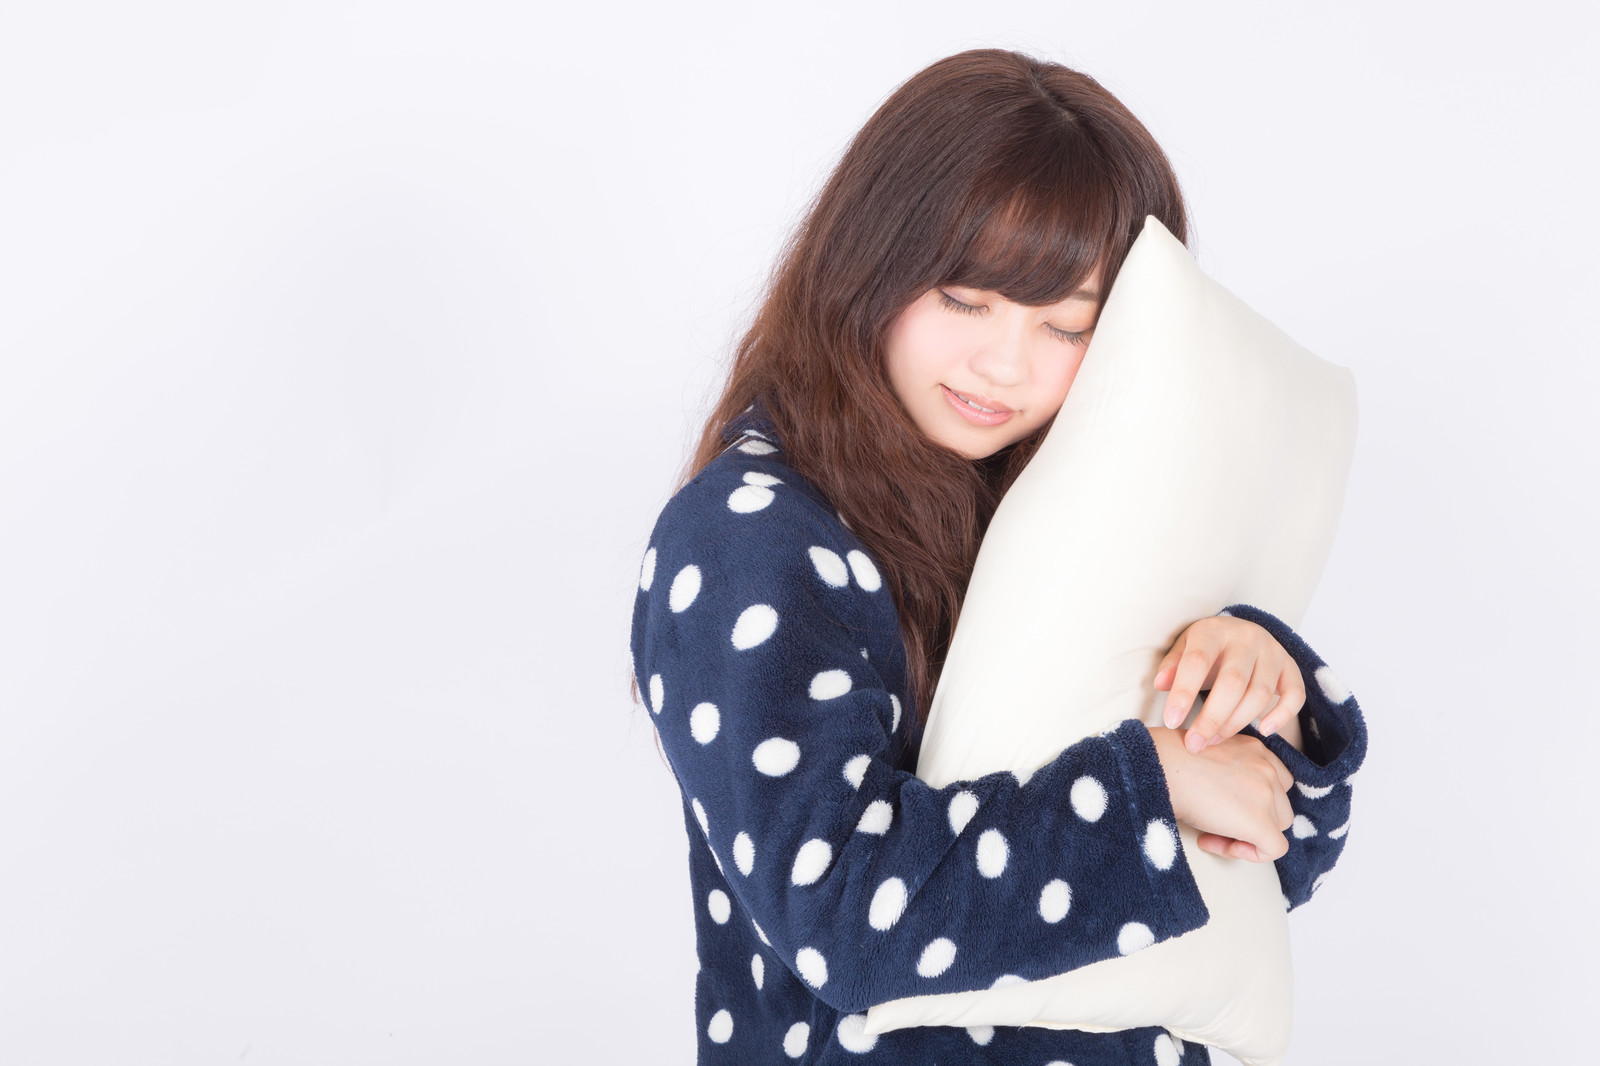 質の高い睡眠で熱中症予防。「夏の寝苦しさを防ぐ5つのポイント」